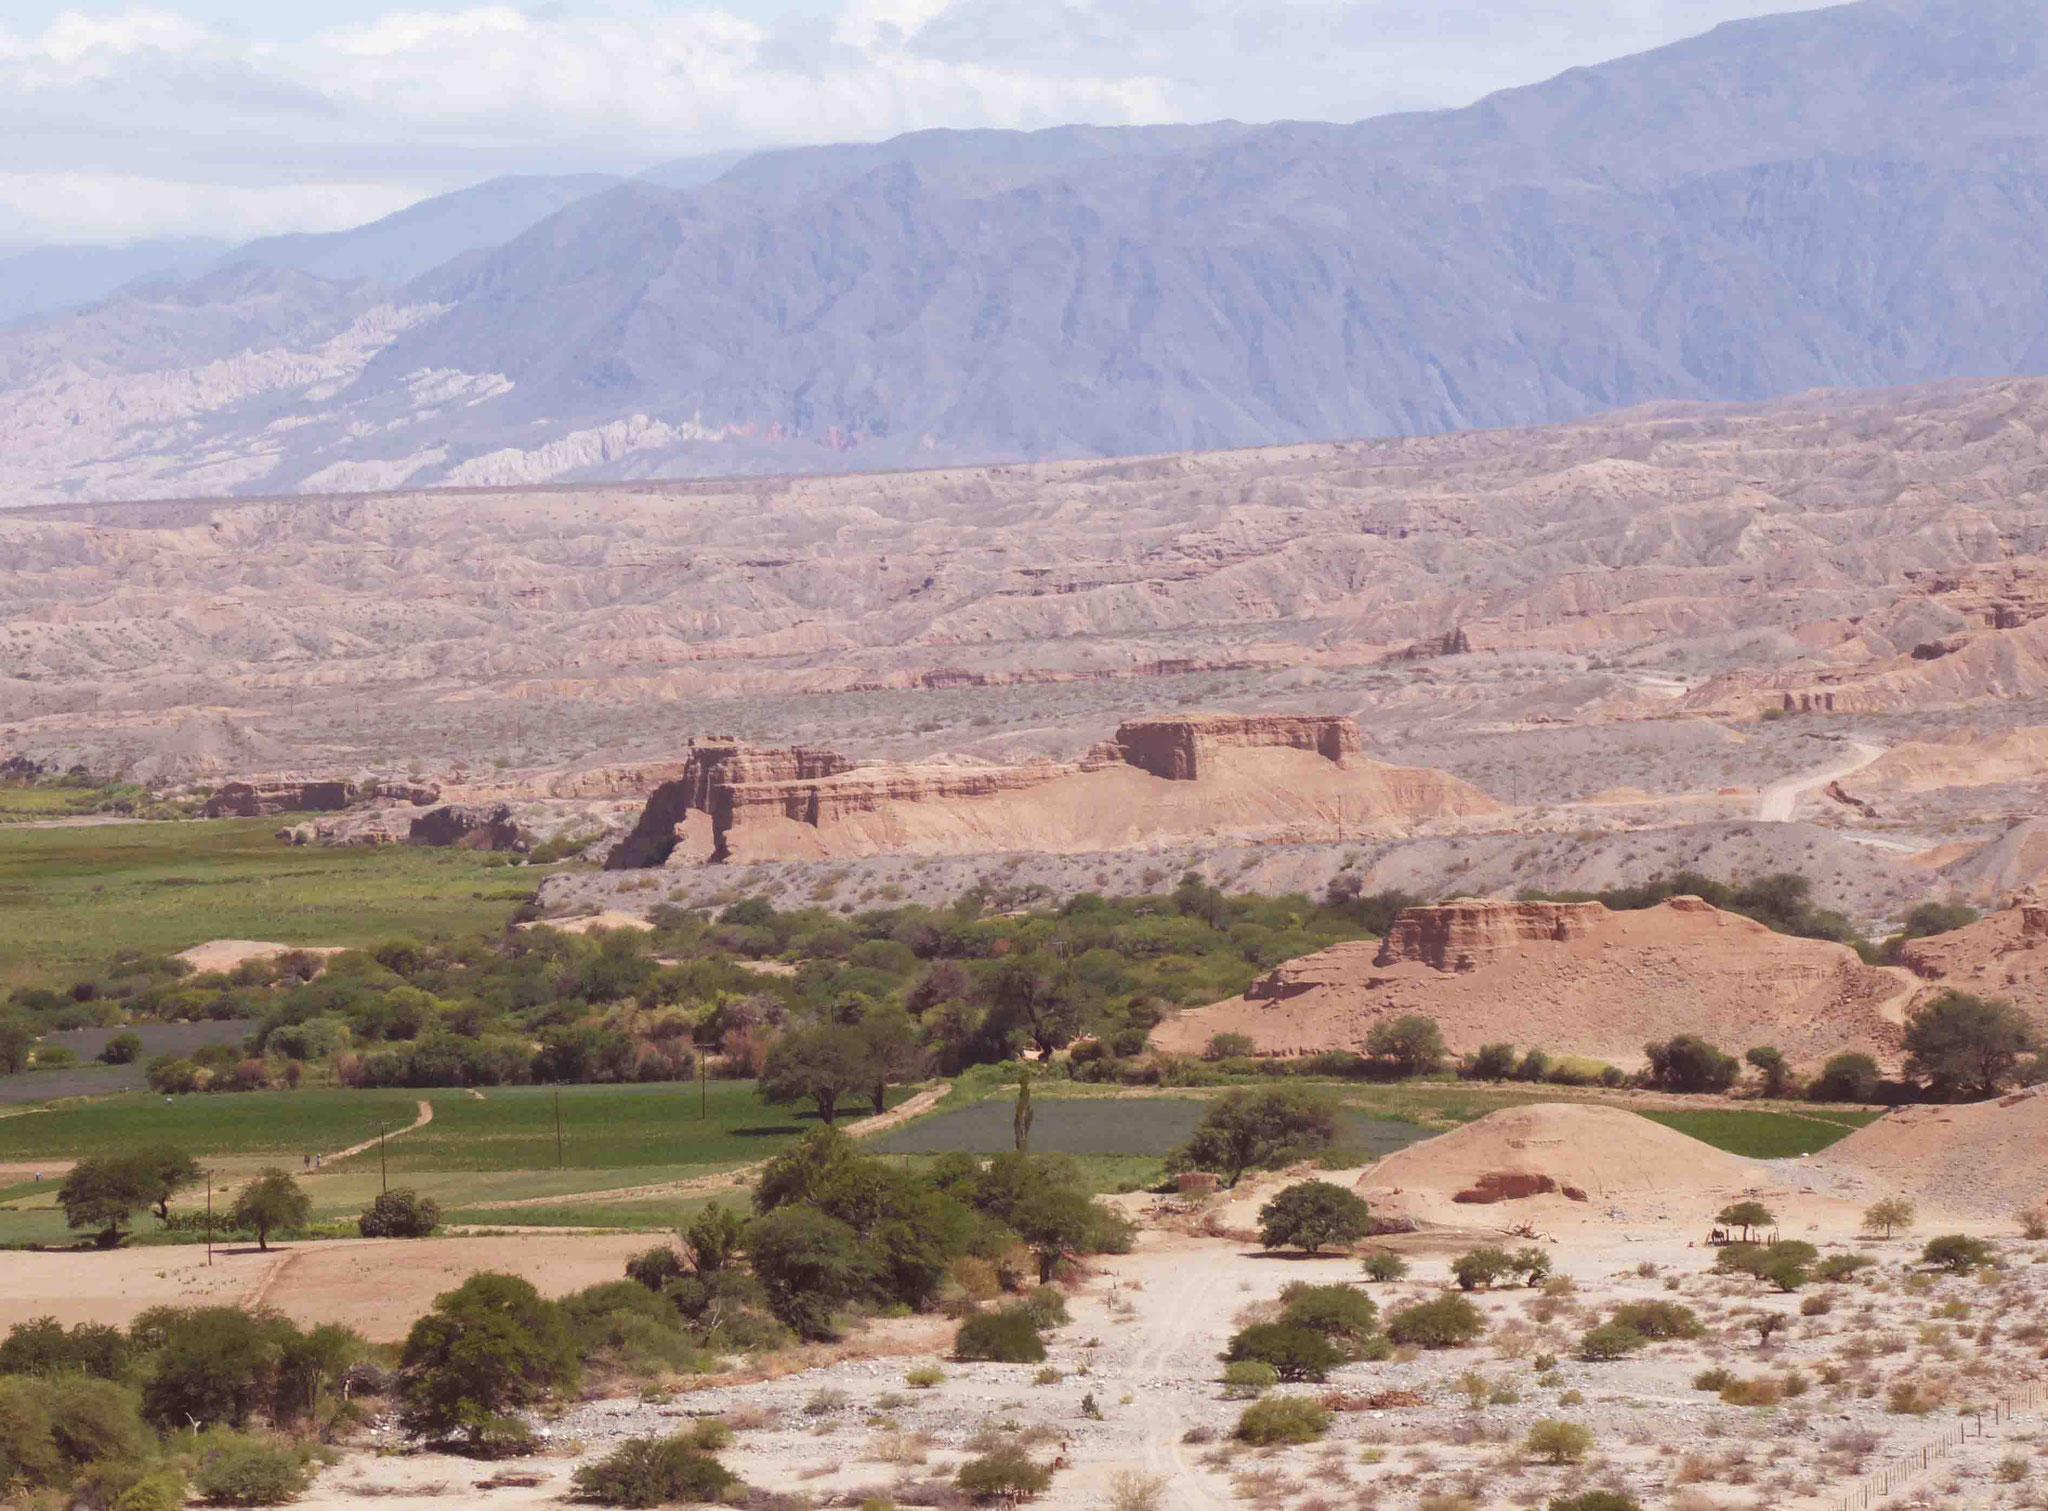 Alternance de terres arides et d'oasis à l'approche de Molinos